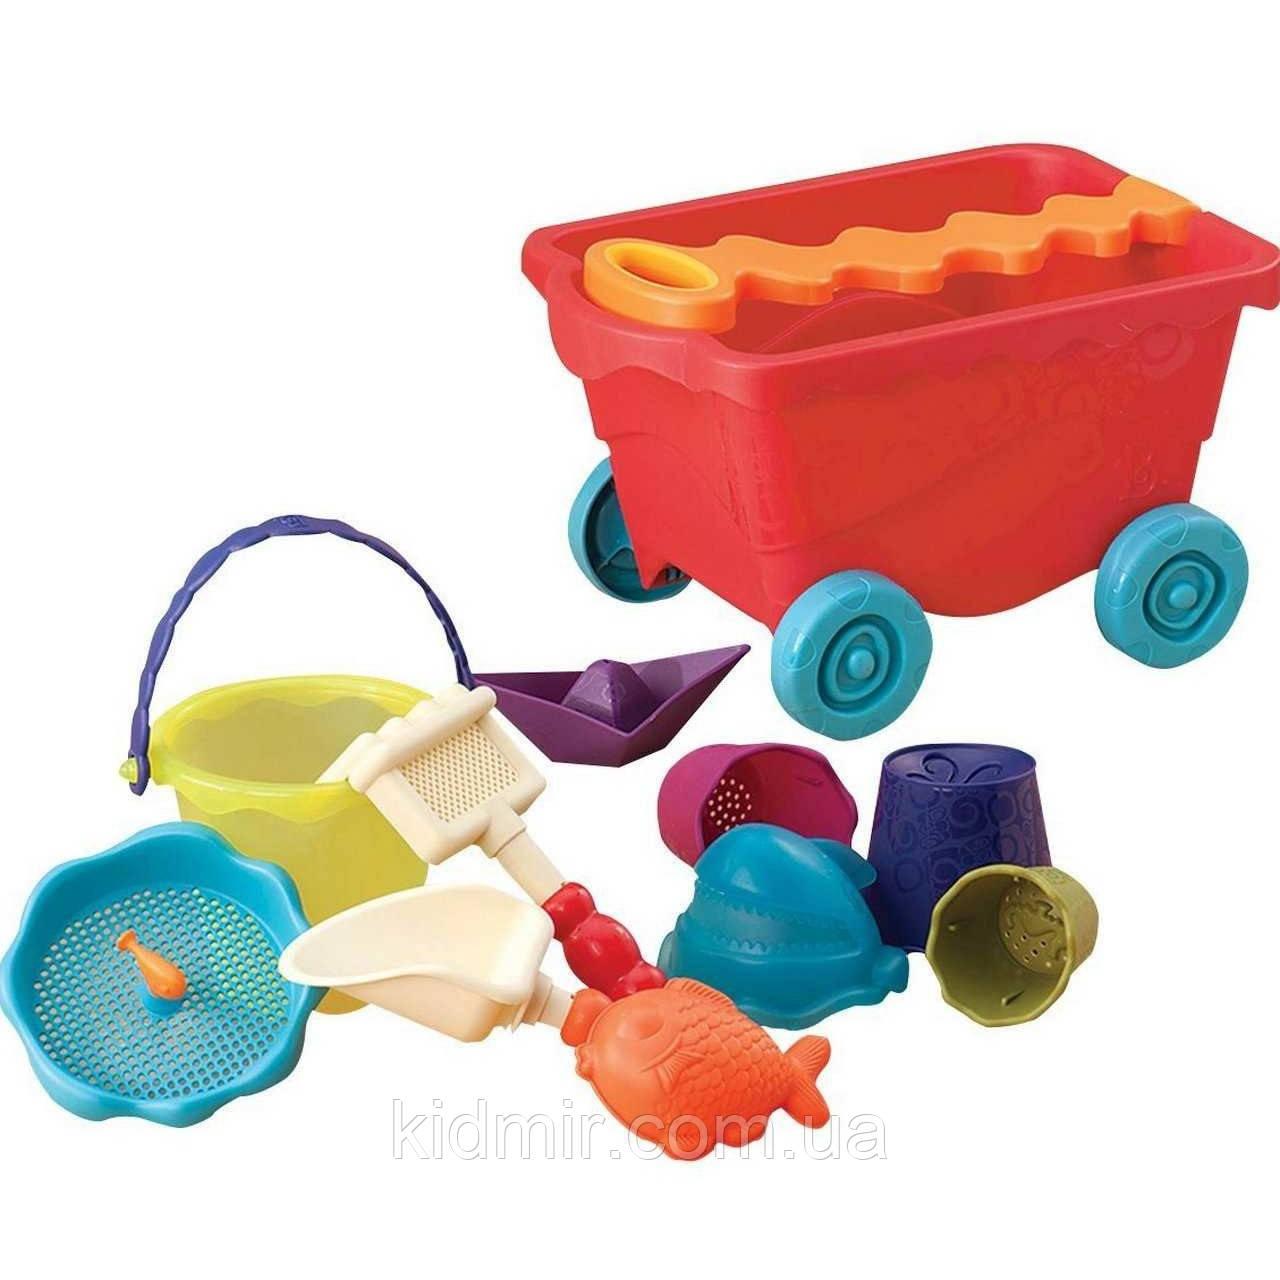 Набор для игры с песком в тележке Манго Battat BX1594Z